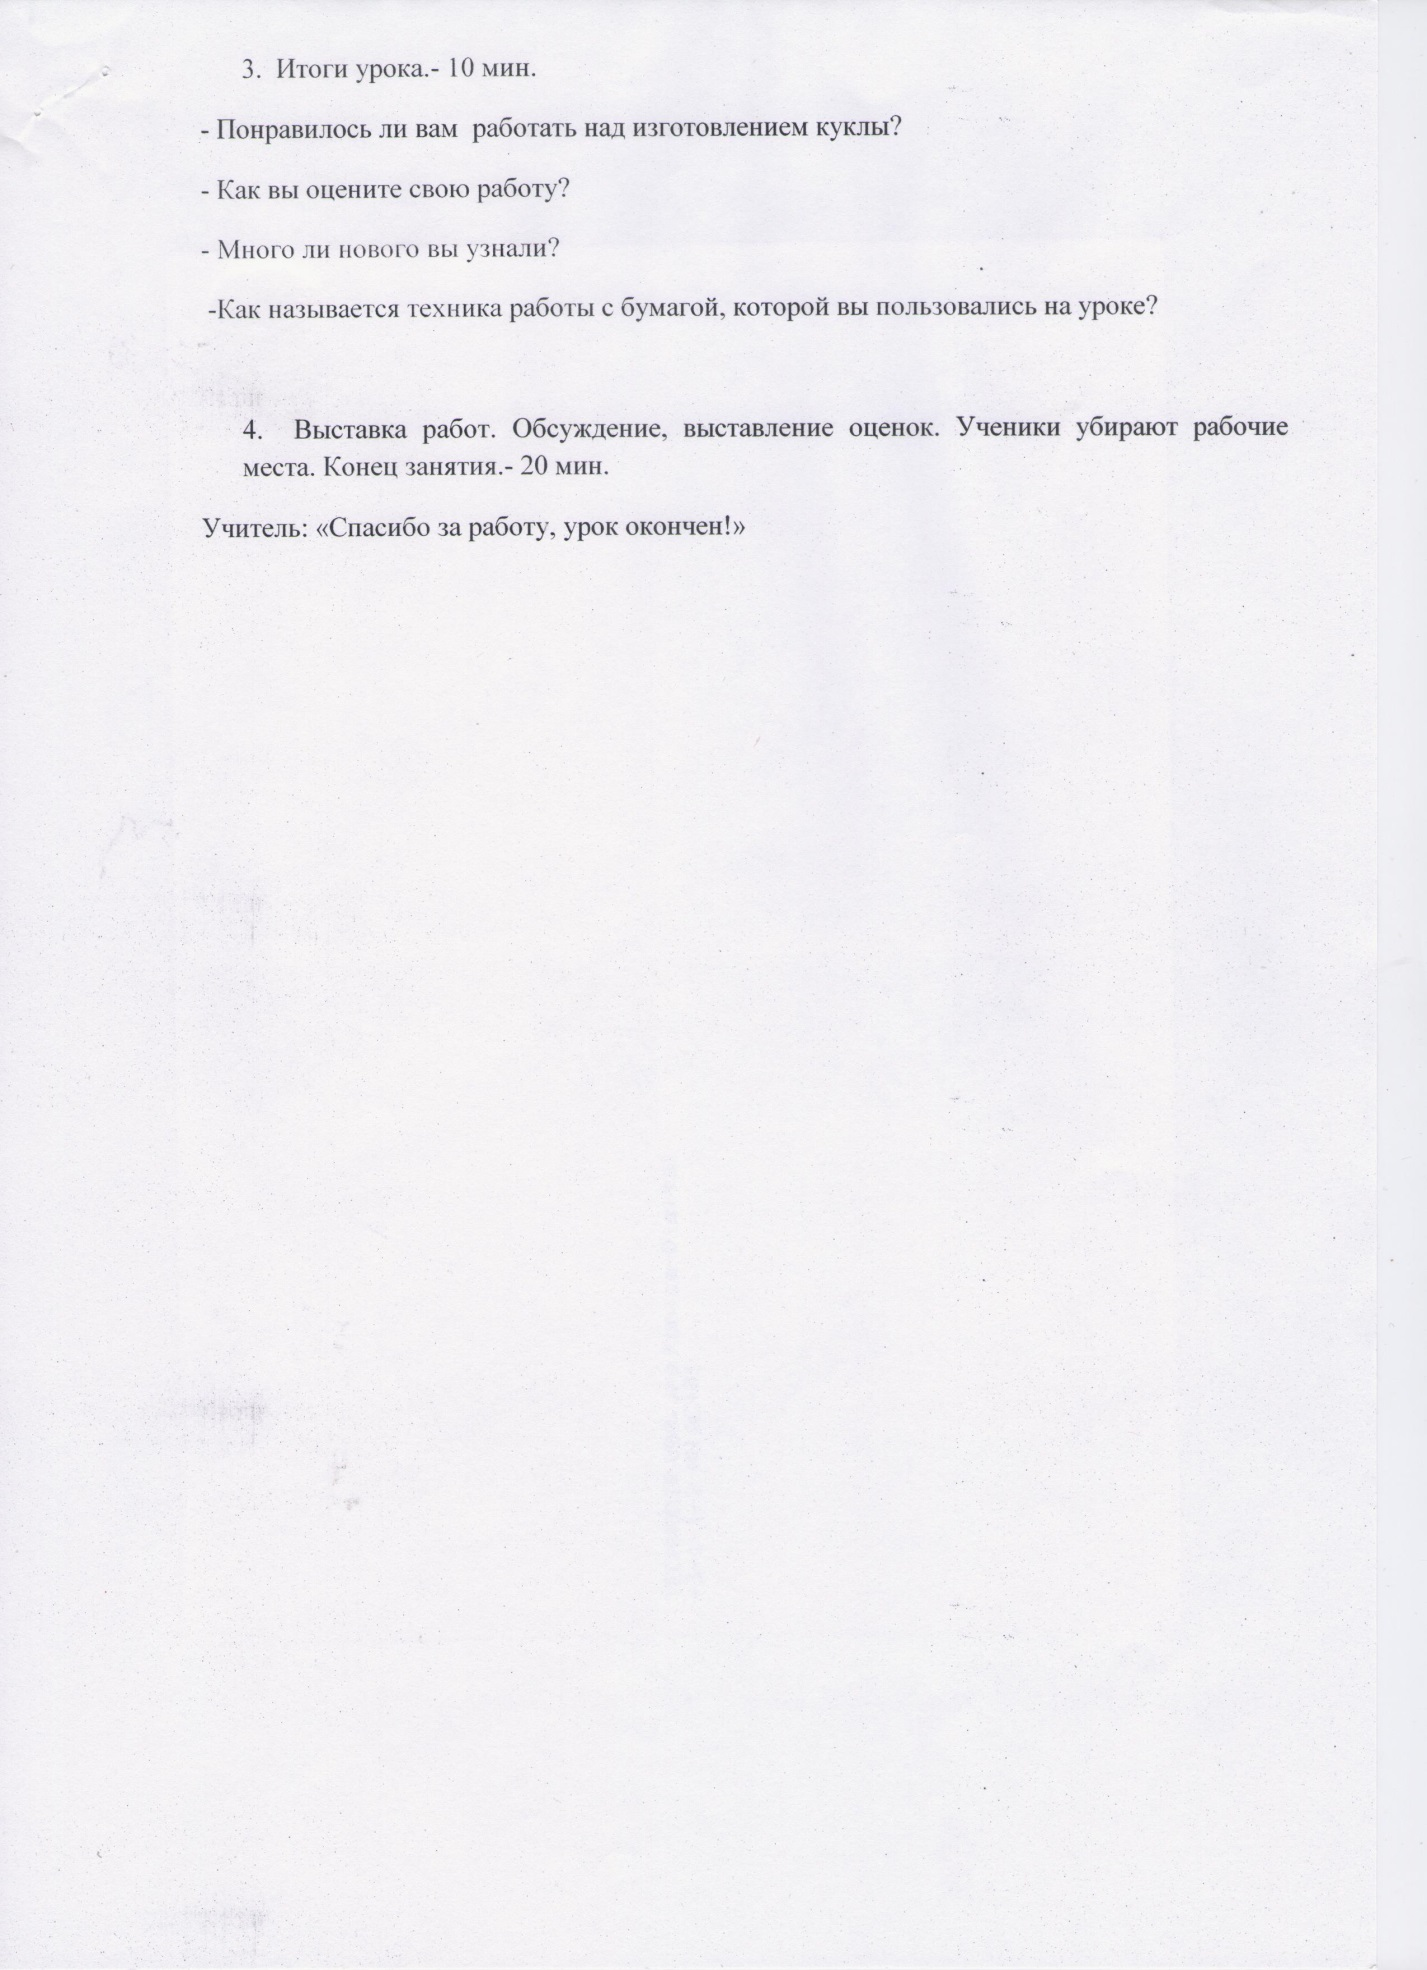 D:\с флешки\Методическая разработка\8. Занятие №4.jpg